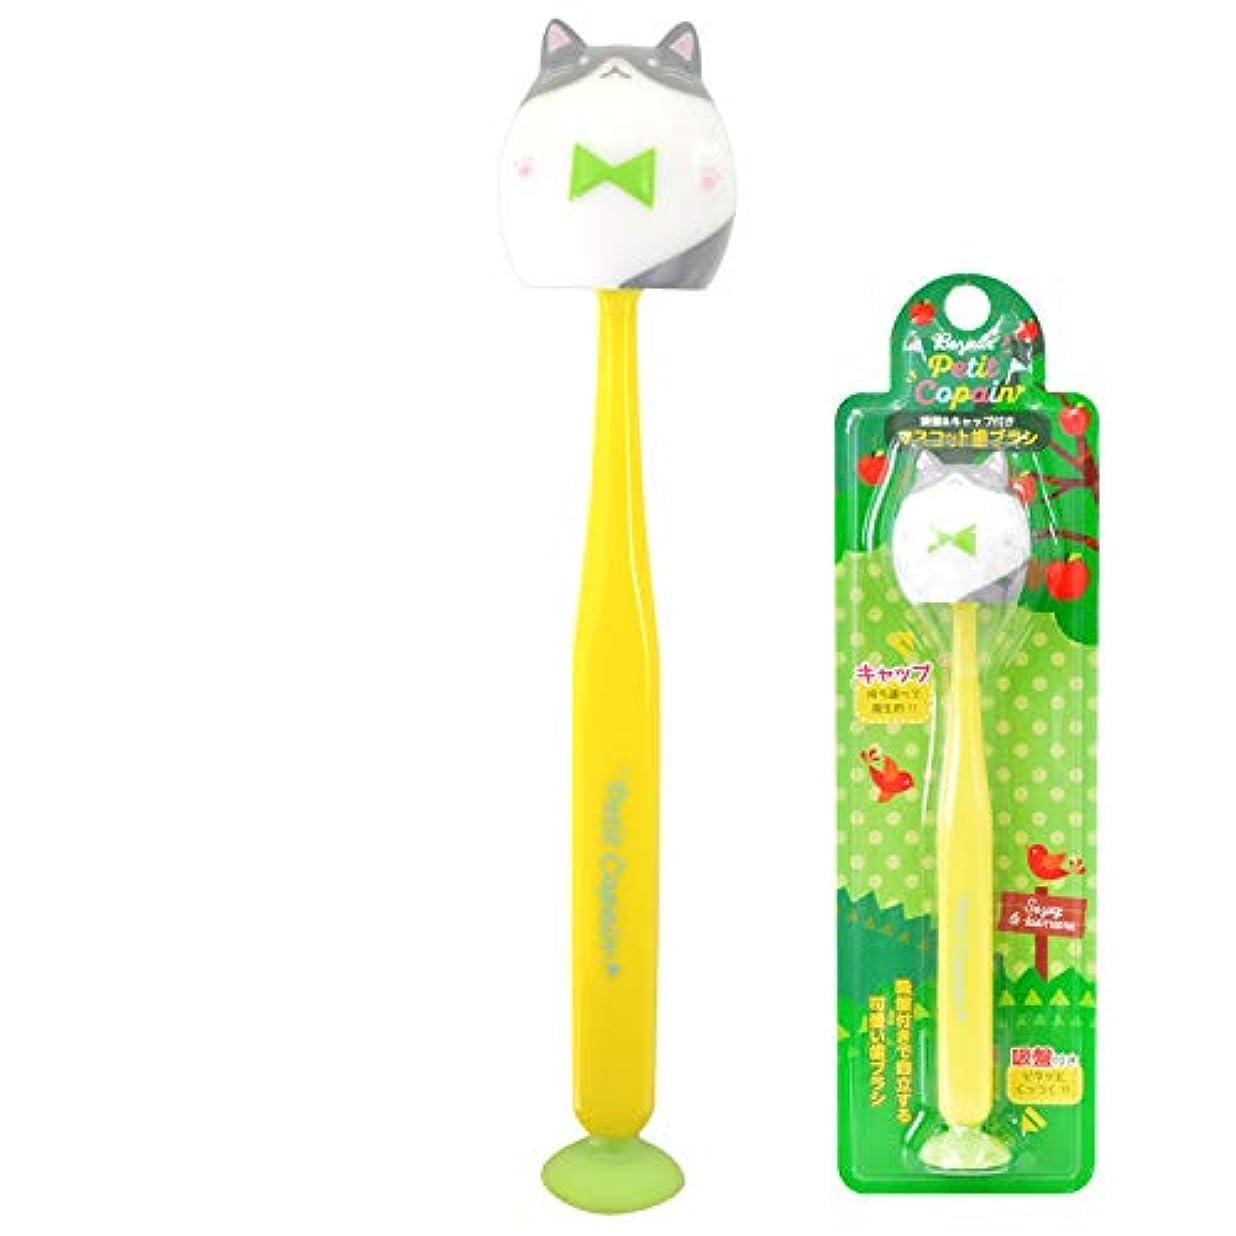 言い直すアンソロジーバルセロナプティコパン 吸盤付き歯ブラシ ネコ